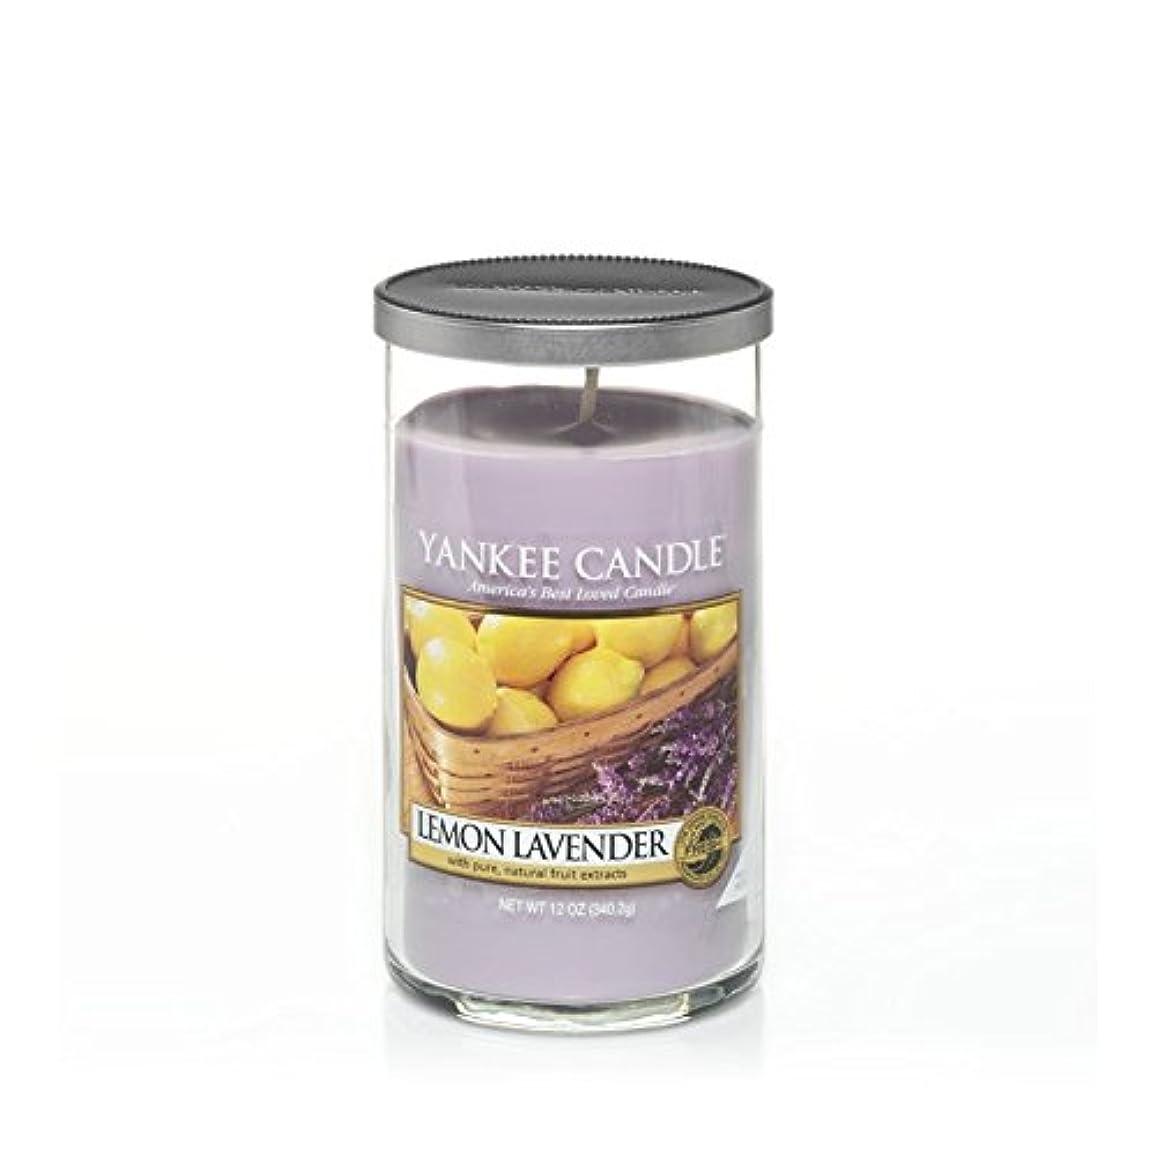 ブース然とした宣言Yankee Candles Medium Pillar Candle - Lemon Lavender (Pack of 2) - ヤンキーキャンドルメディアピラーキャンドル - レモンラベンダー (x2) [並行輸入品]